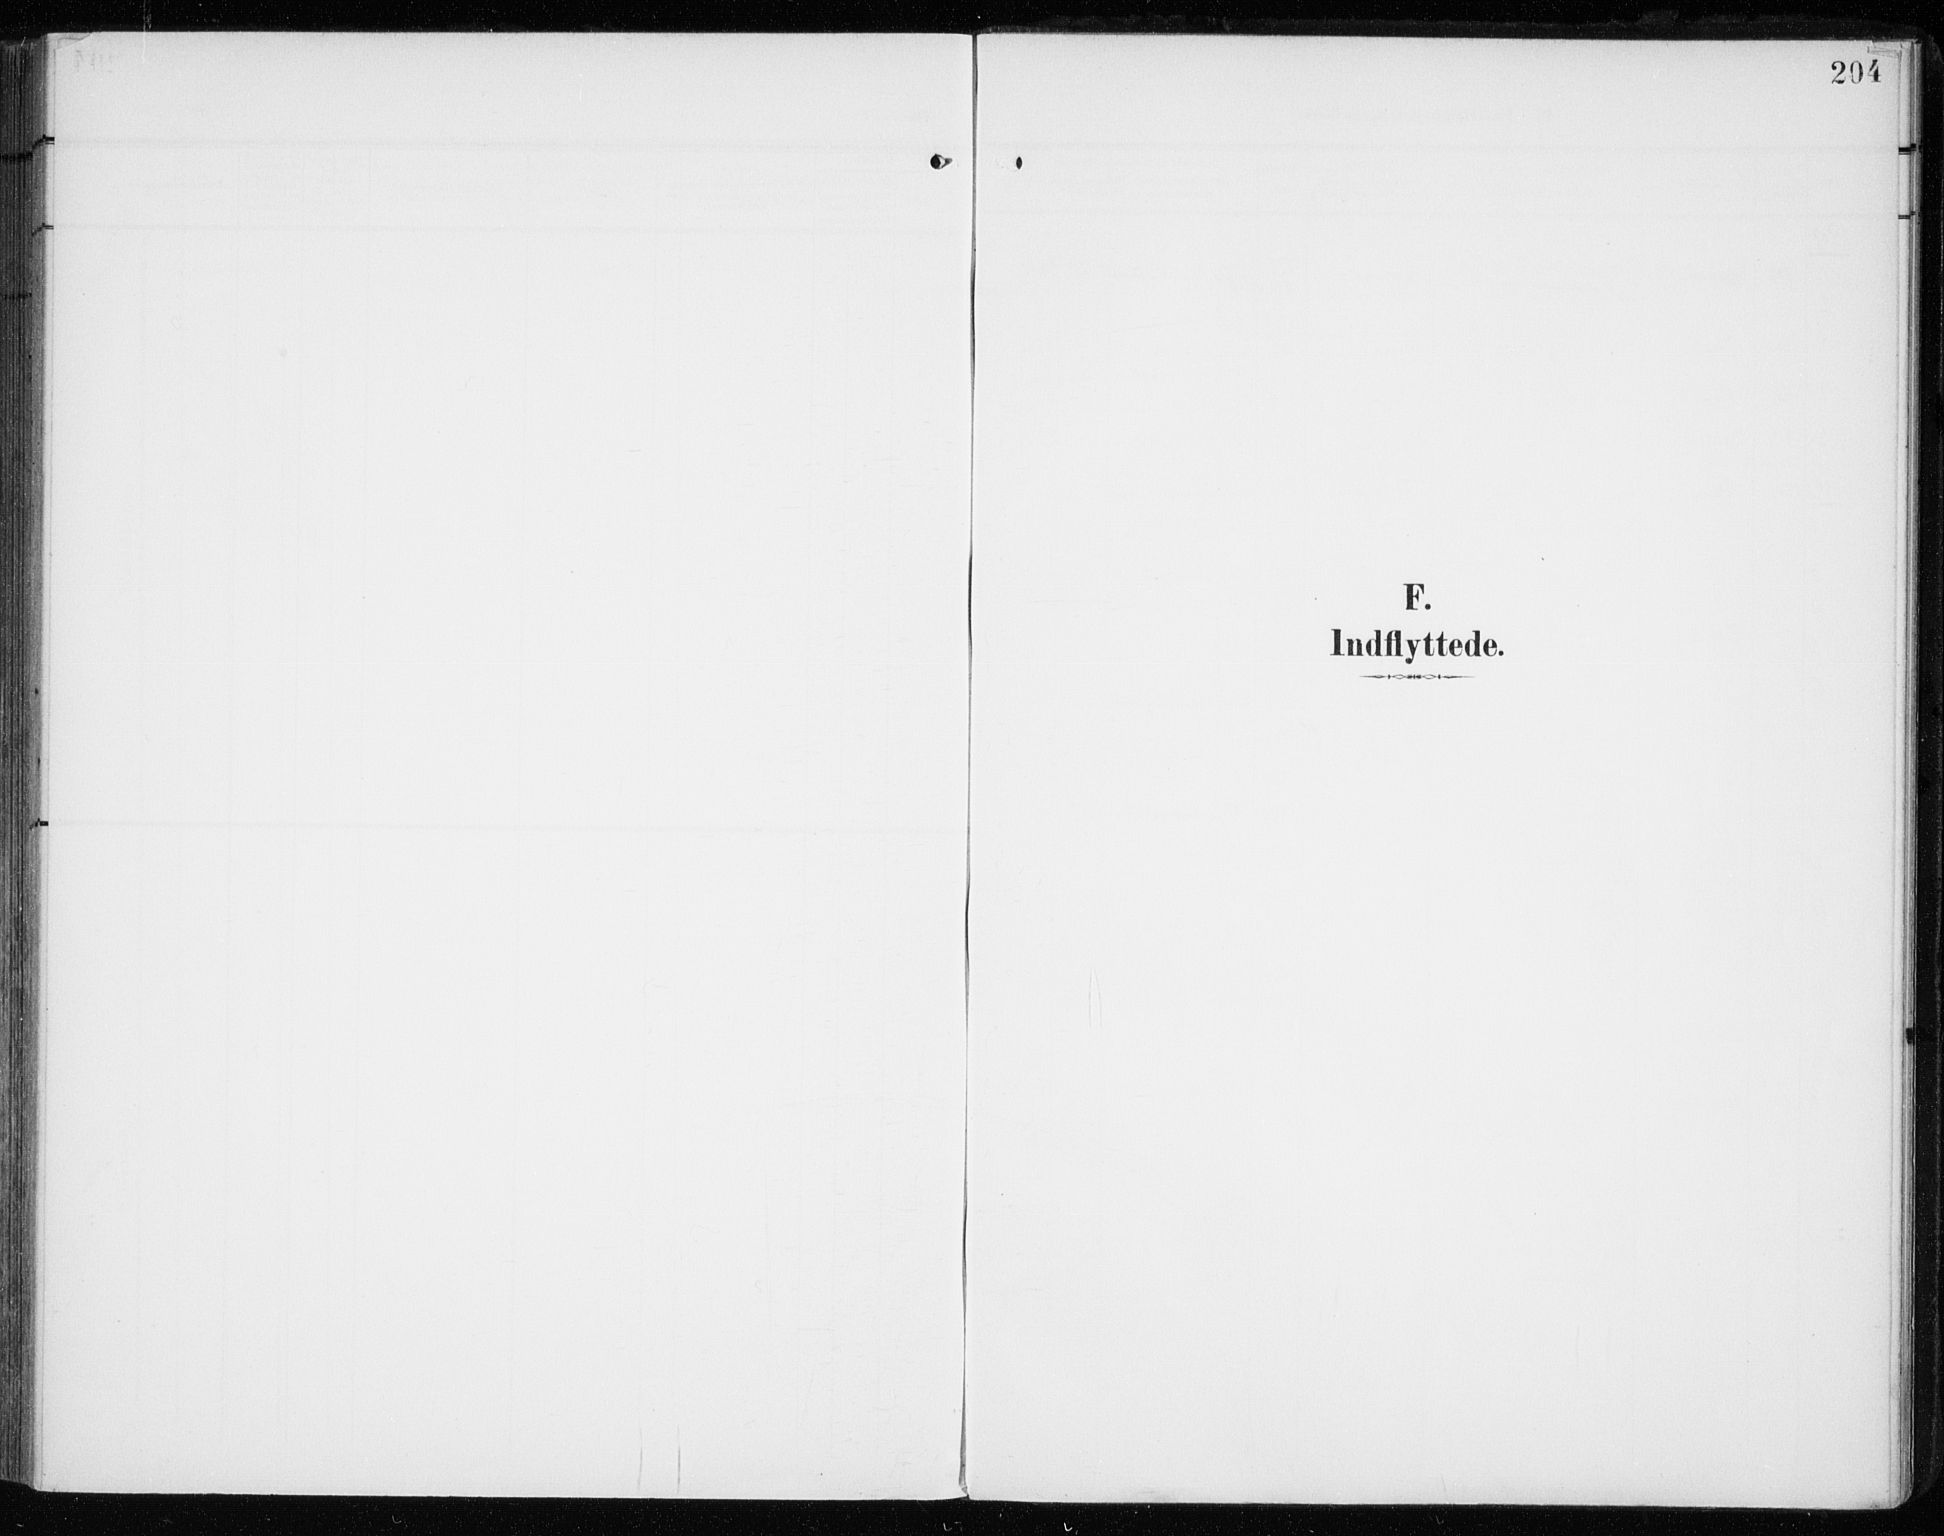 SATØ, Tromsø sokneprestkontor/stiftsprosti/domprosti, G/Ga/L0018kirke: Ministerialbok nr. 18, 1907-1917, s. 204